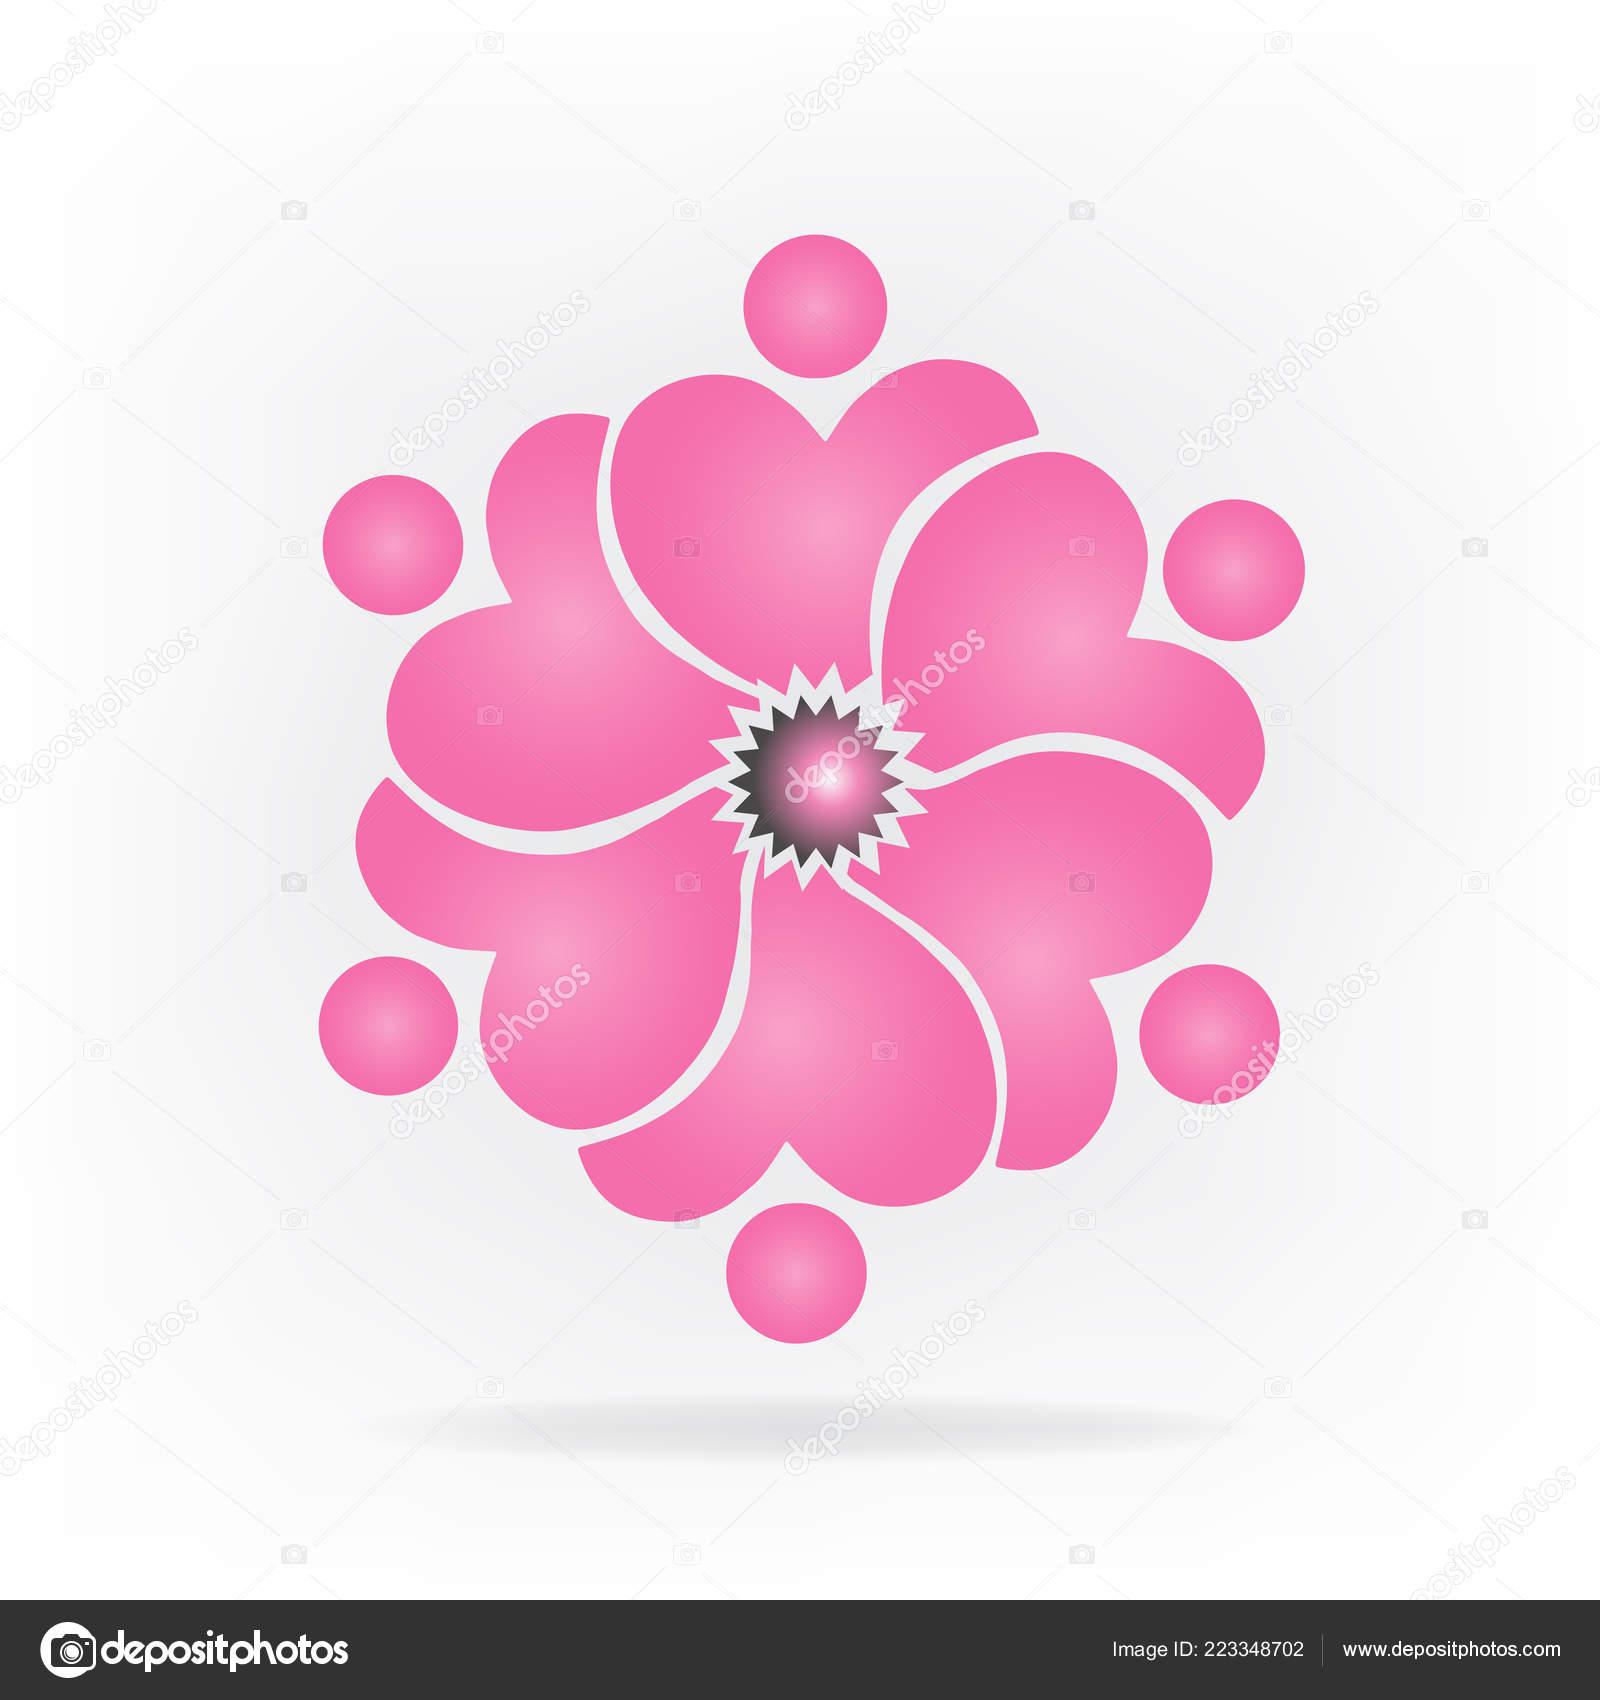 Logo Equipo Flor Corazón Forma Gente Vector Imagen Vector De Stock